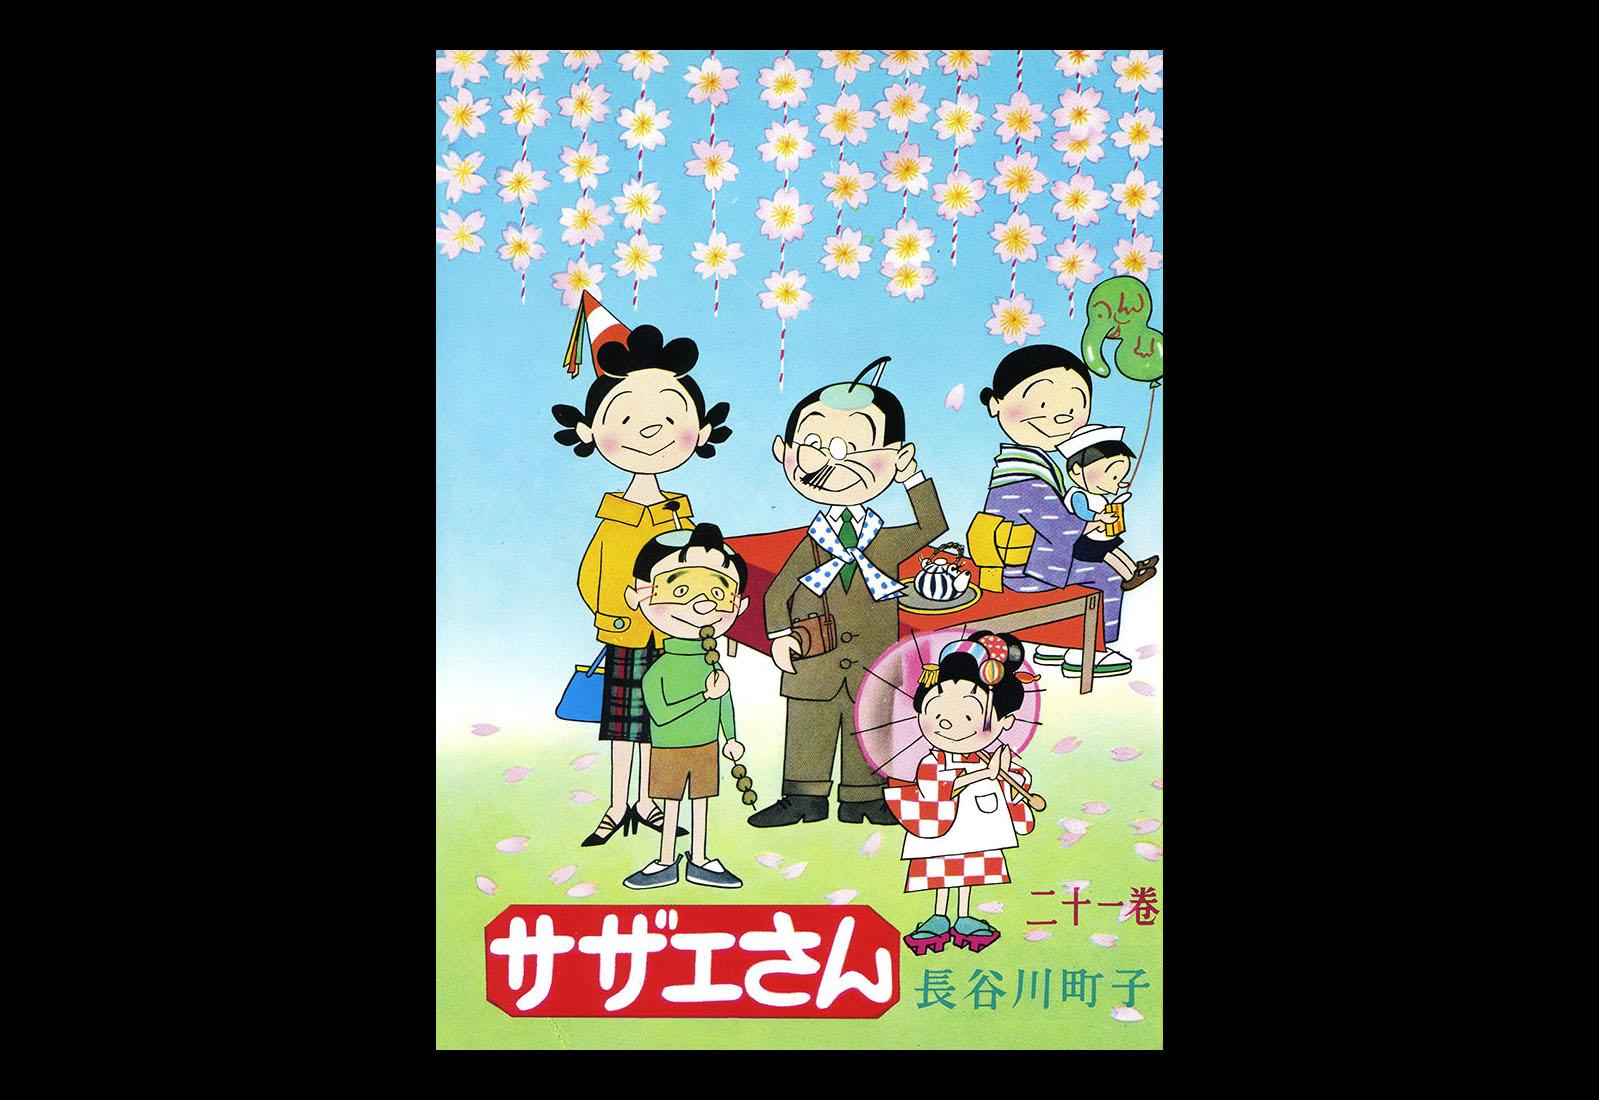 長谷川町子美術館の展覧会で春を先取り!